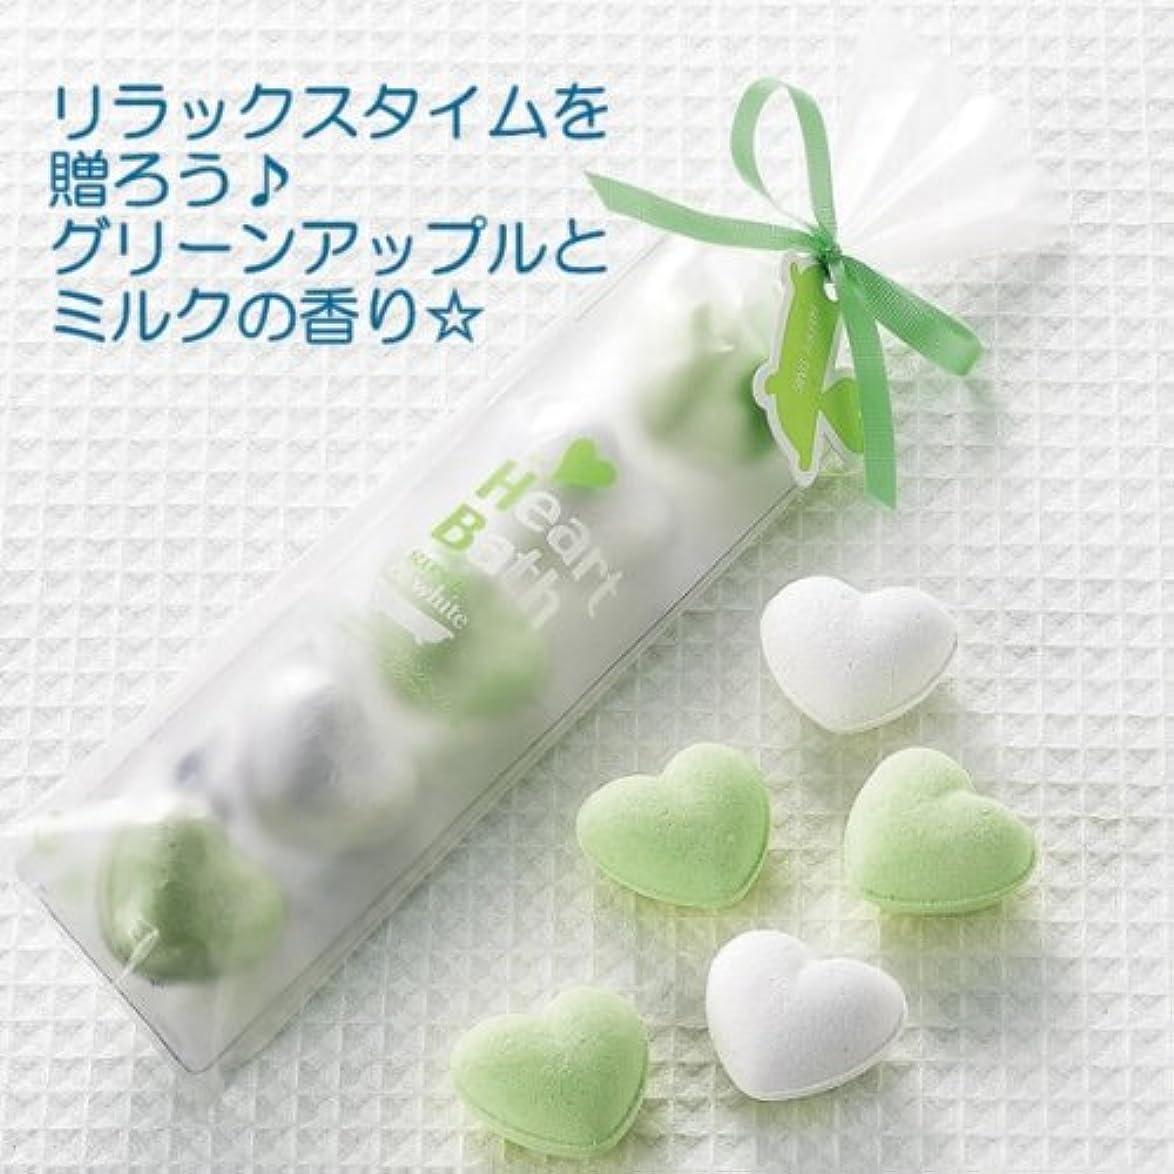 追い払う不規則な祭司ハート型の入浴剤グリーンアップル&ミルク